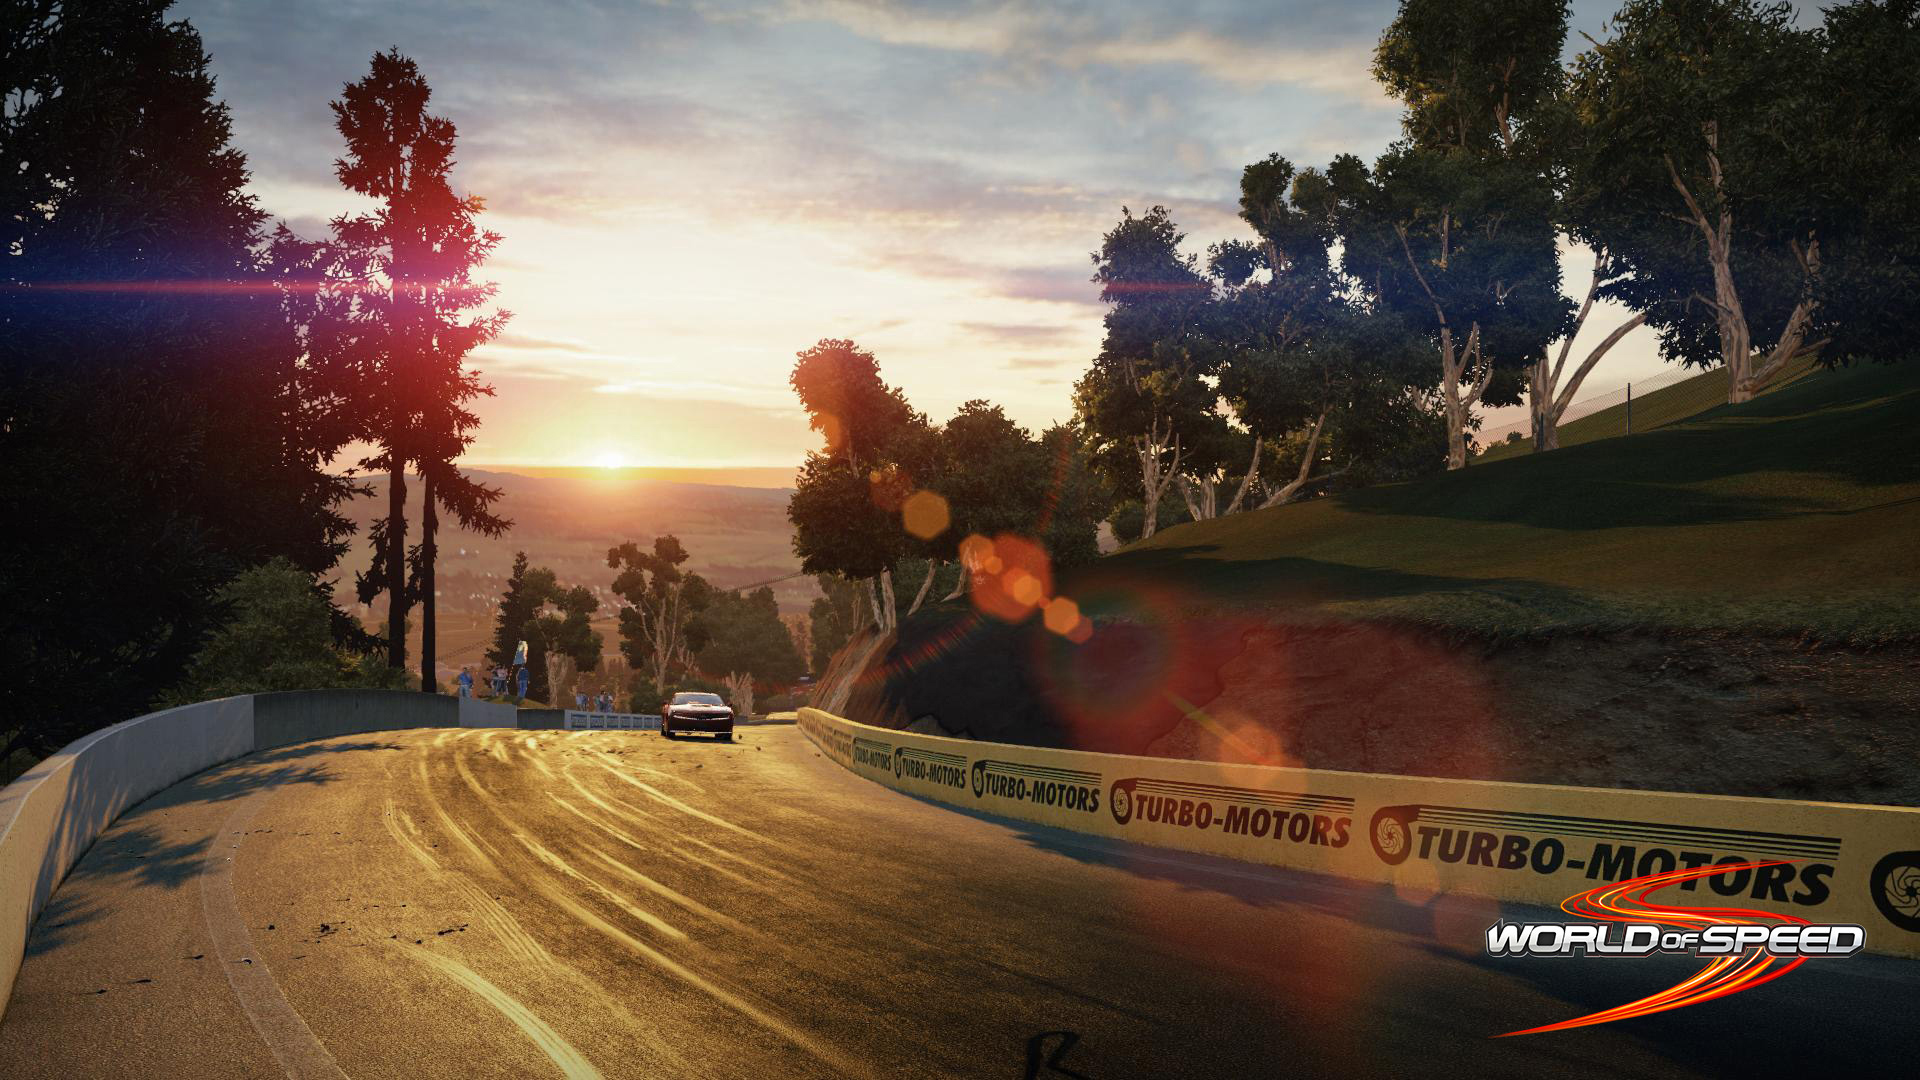 Ngắm trường đua Bathurst trong World of Speed - Ảnh 5